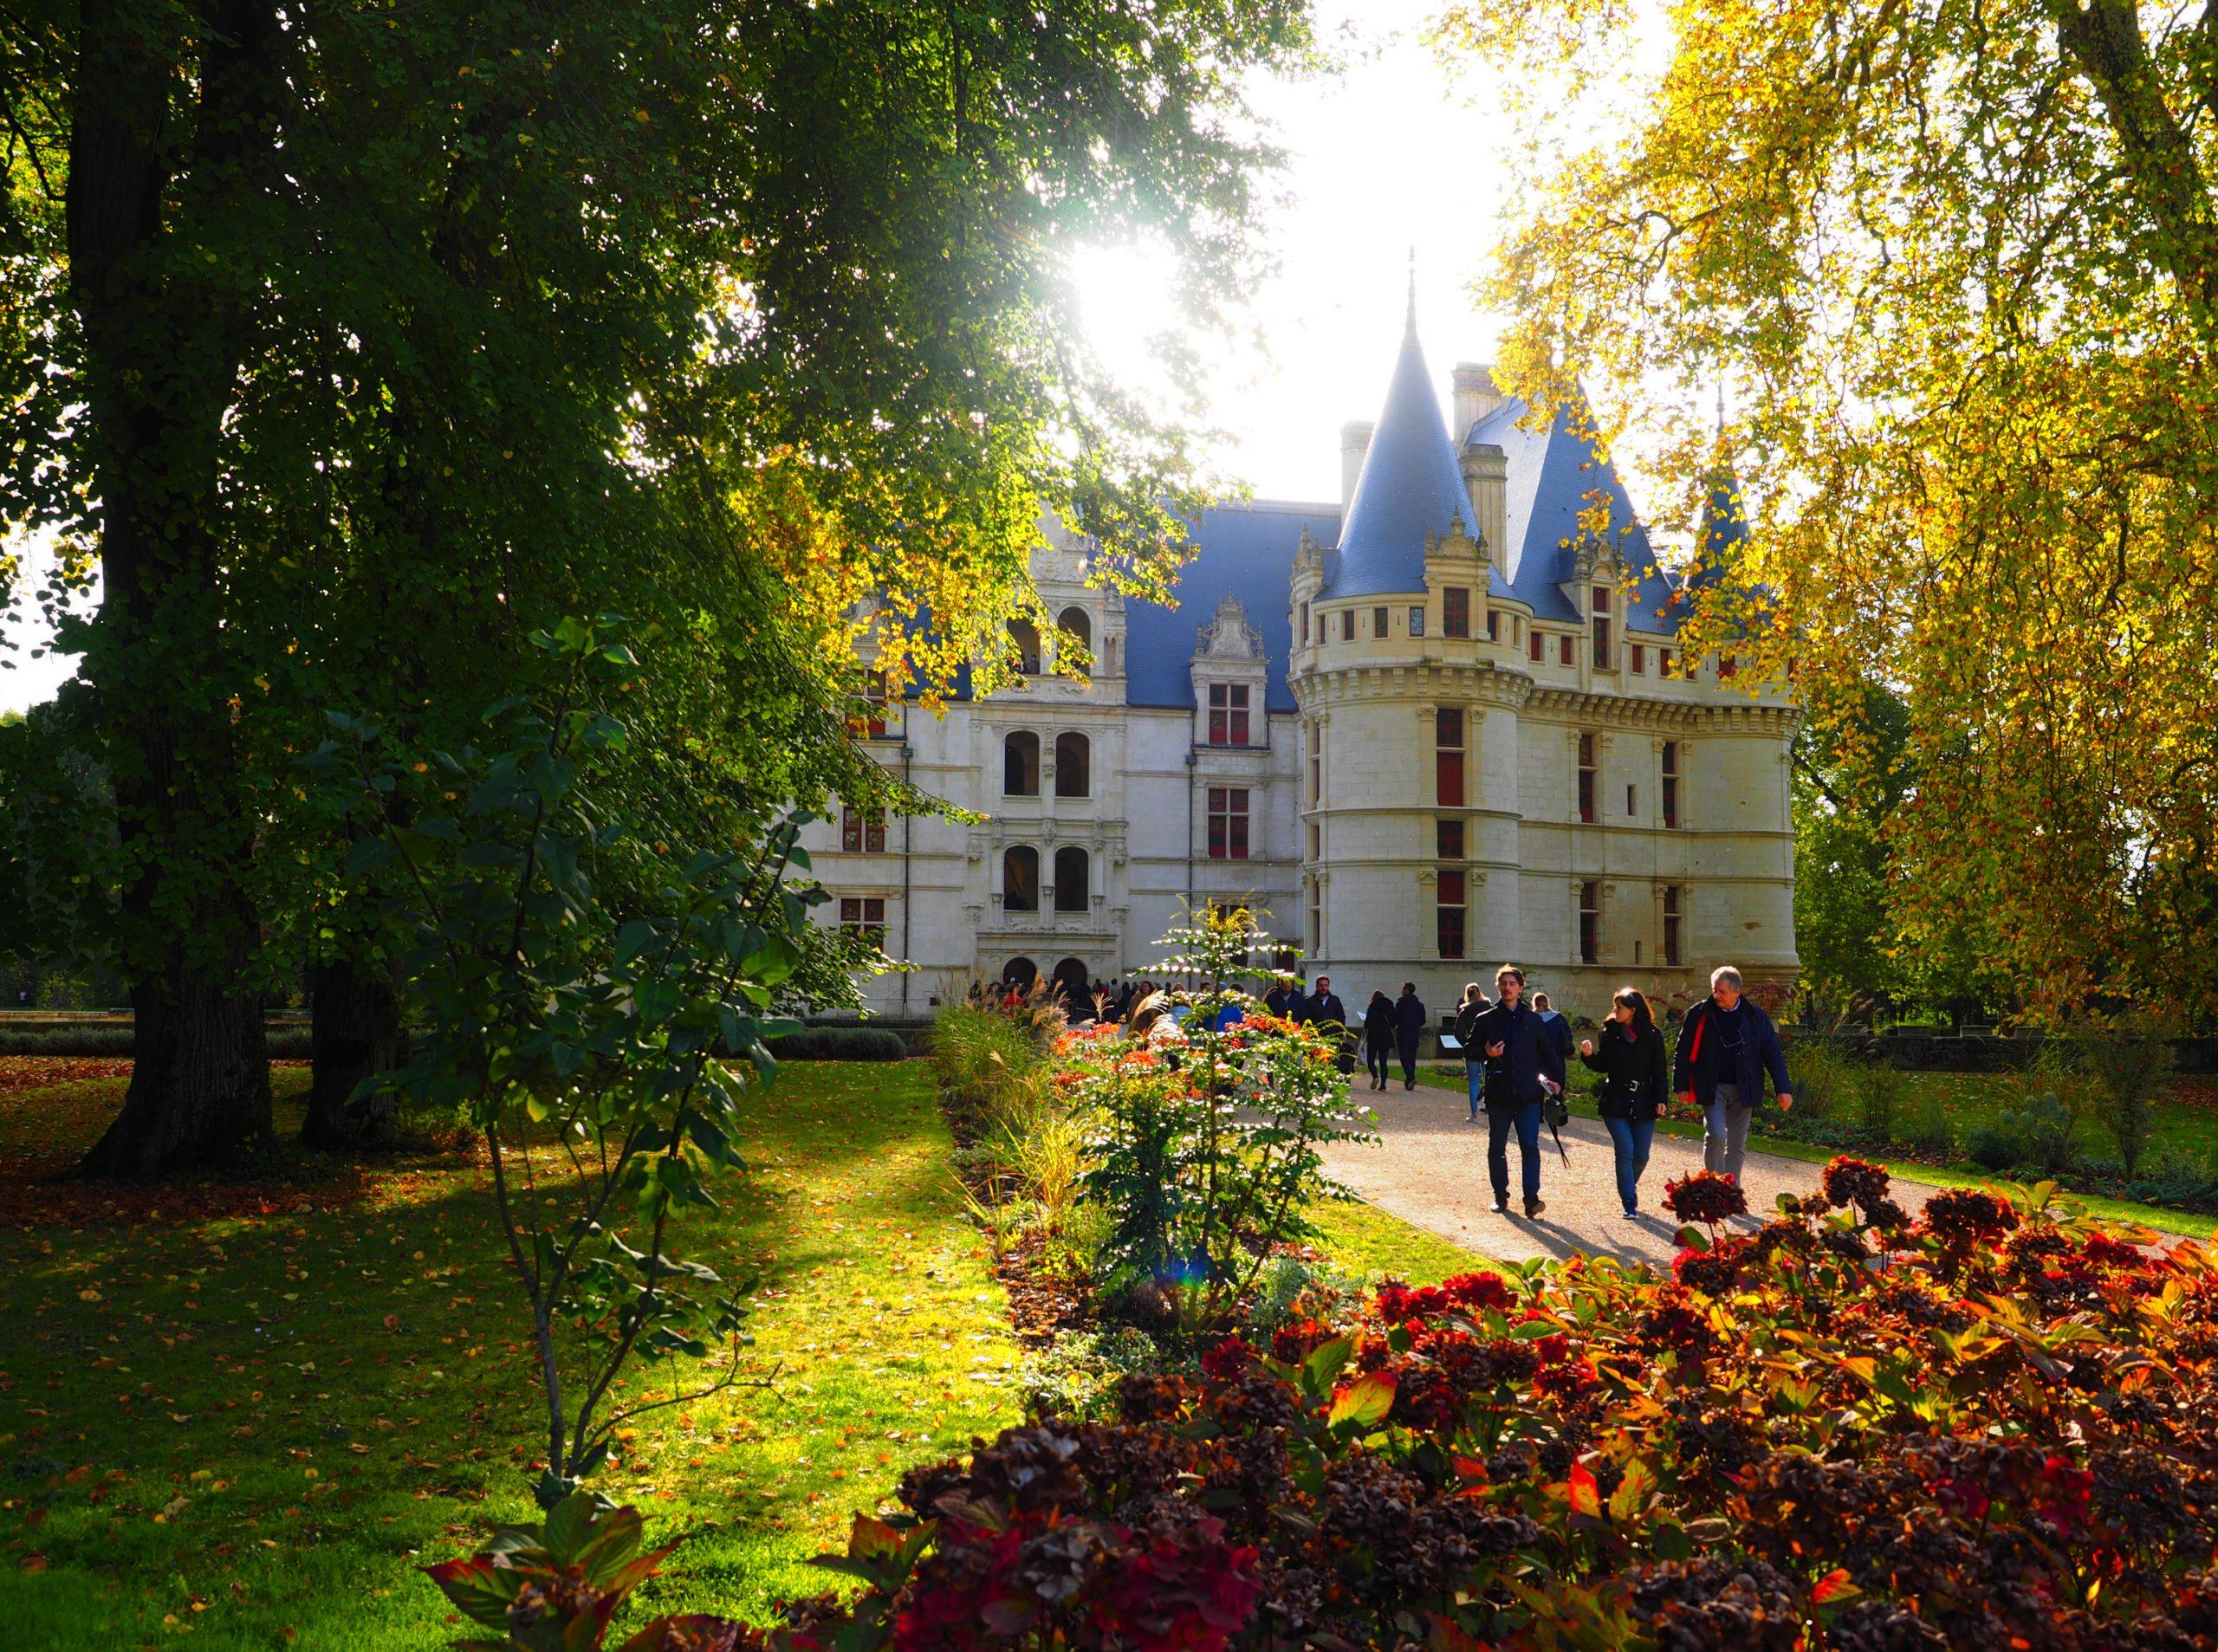 castello di Azay le Rideau